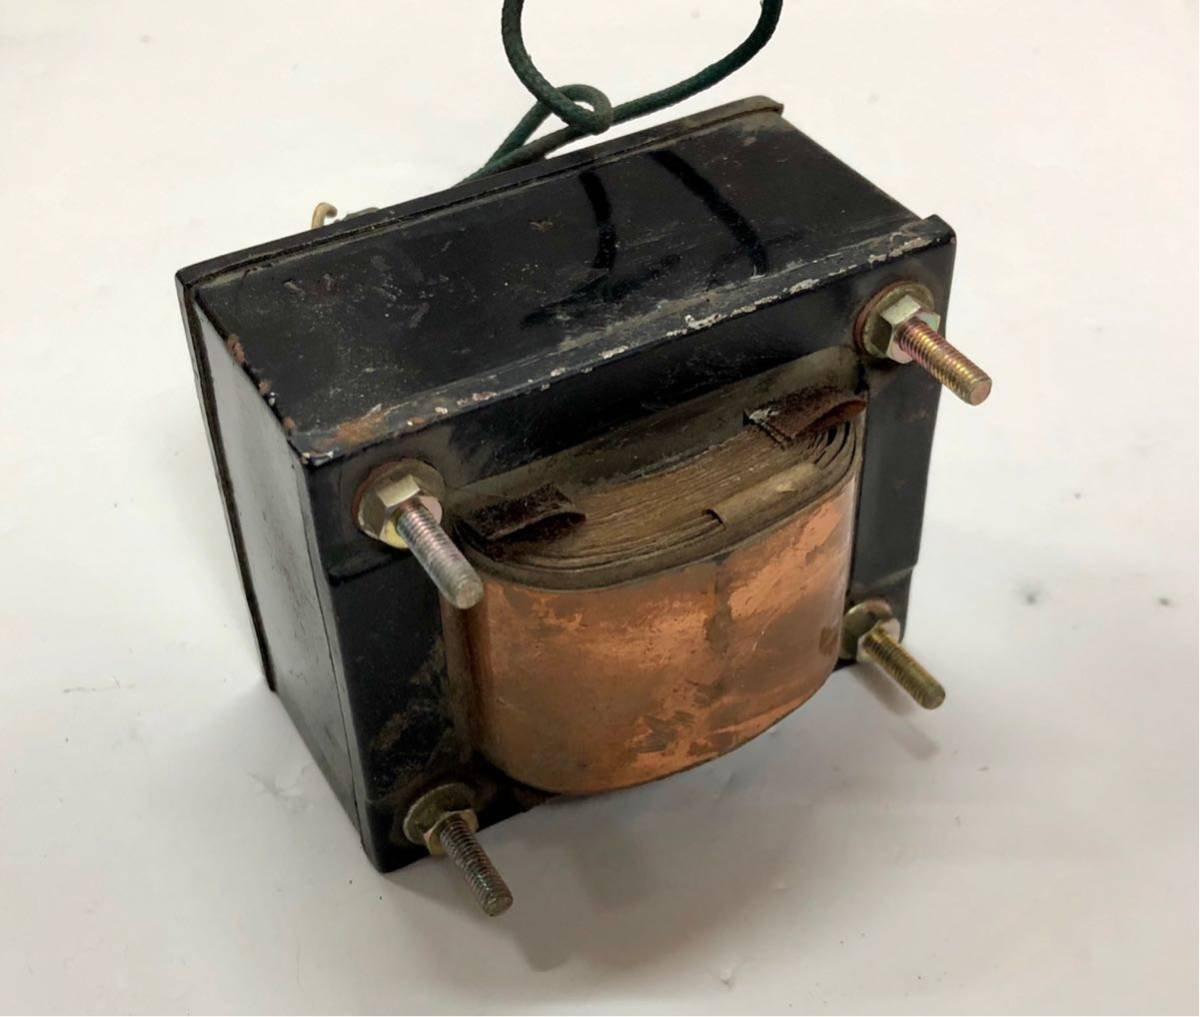 電源トランス2個まとめて 真空管用 ラジオ・アンプ・実験にどうぞ オシロスコープからの外し品 何と1円!